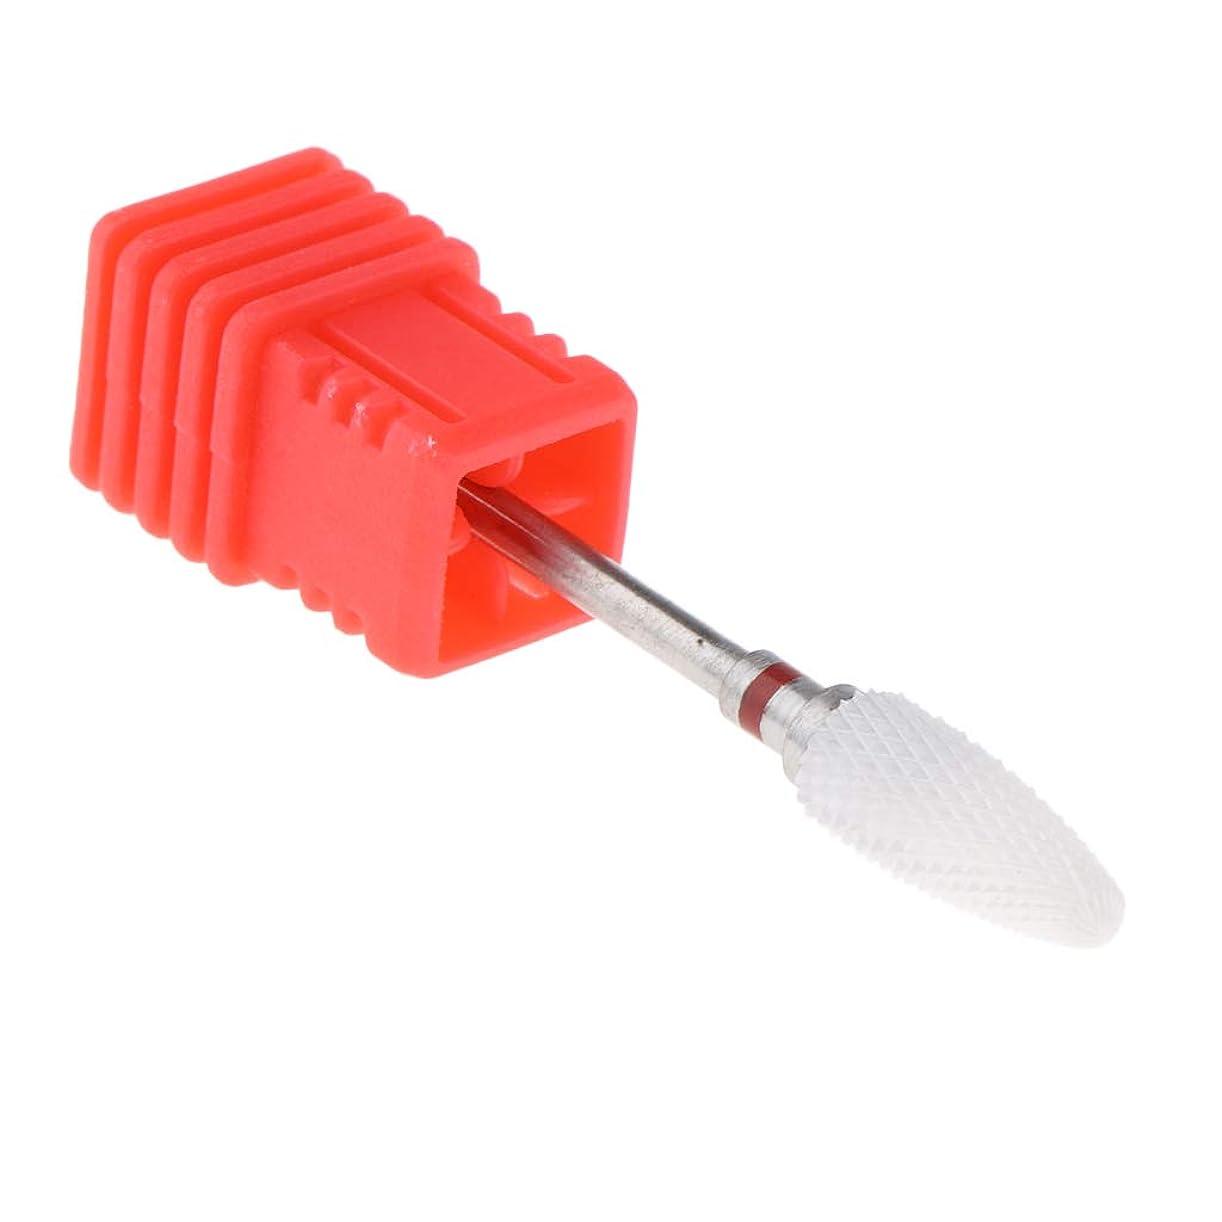 ブレースマイクロフォン聡明B Blesiya ネイルドリルビット 電気ドリルビット 研磨ヘッド ネイルアートツール 全3色 - 赤(細)